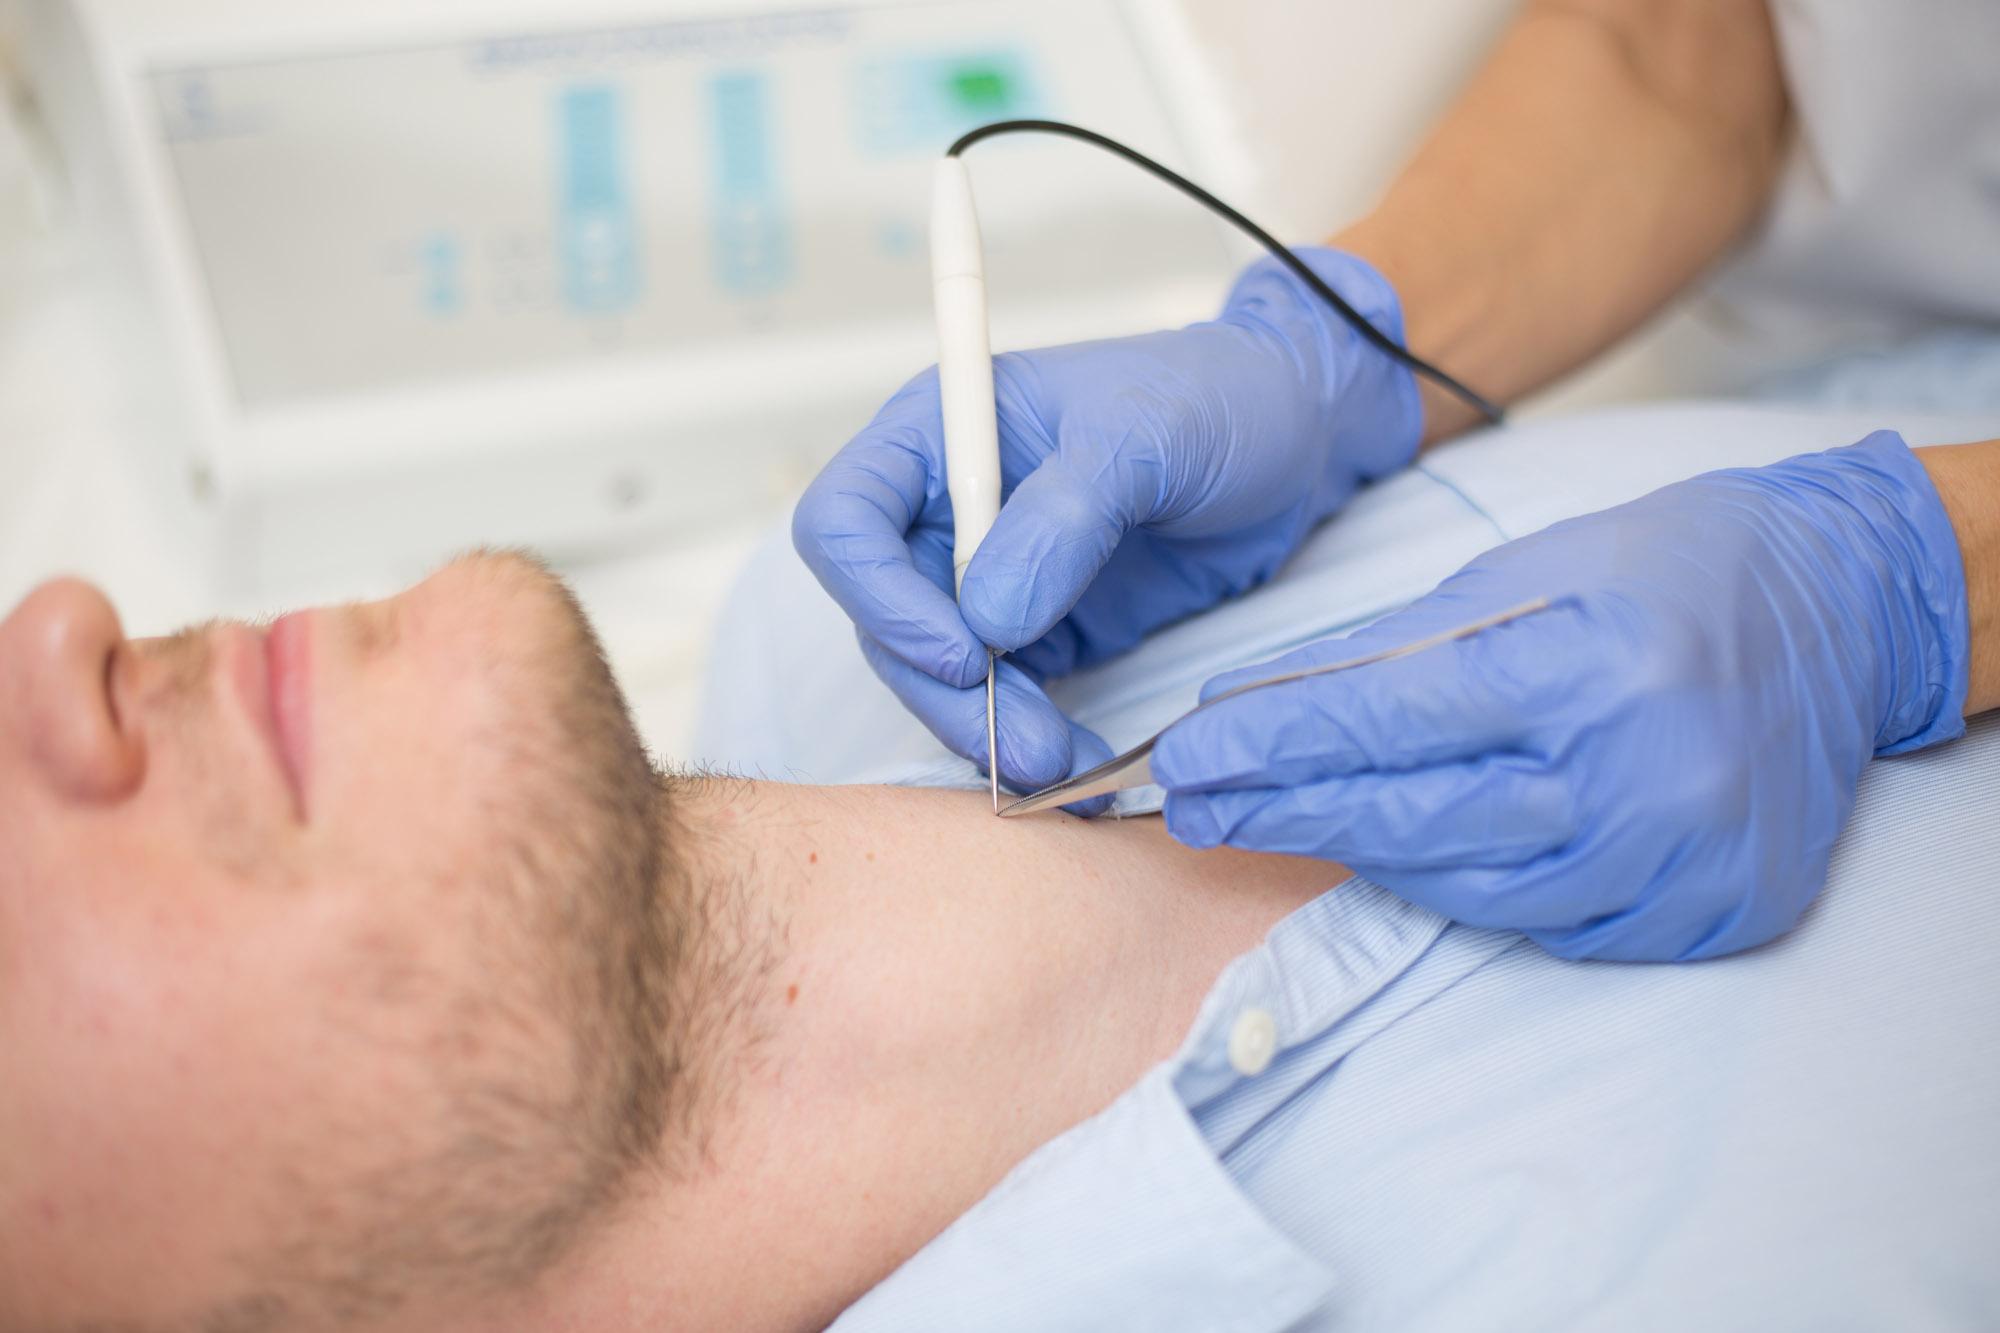 condyloma elektrokoaguláció hpv impfung jungen sinnvoll